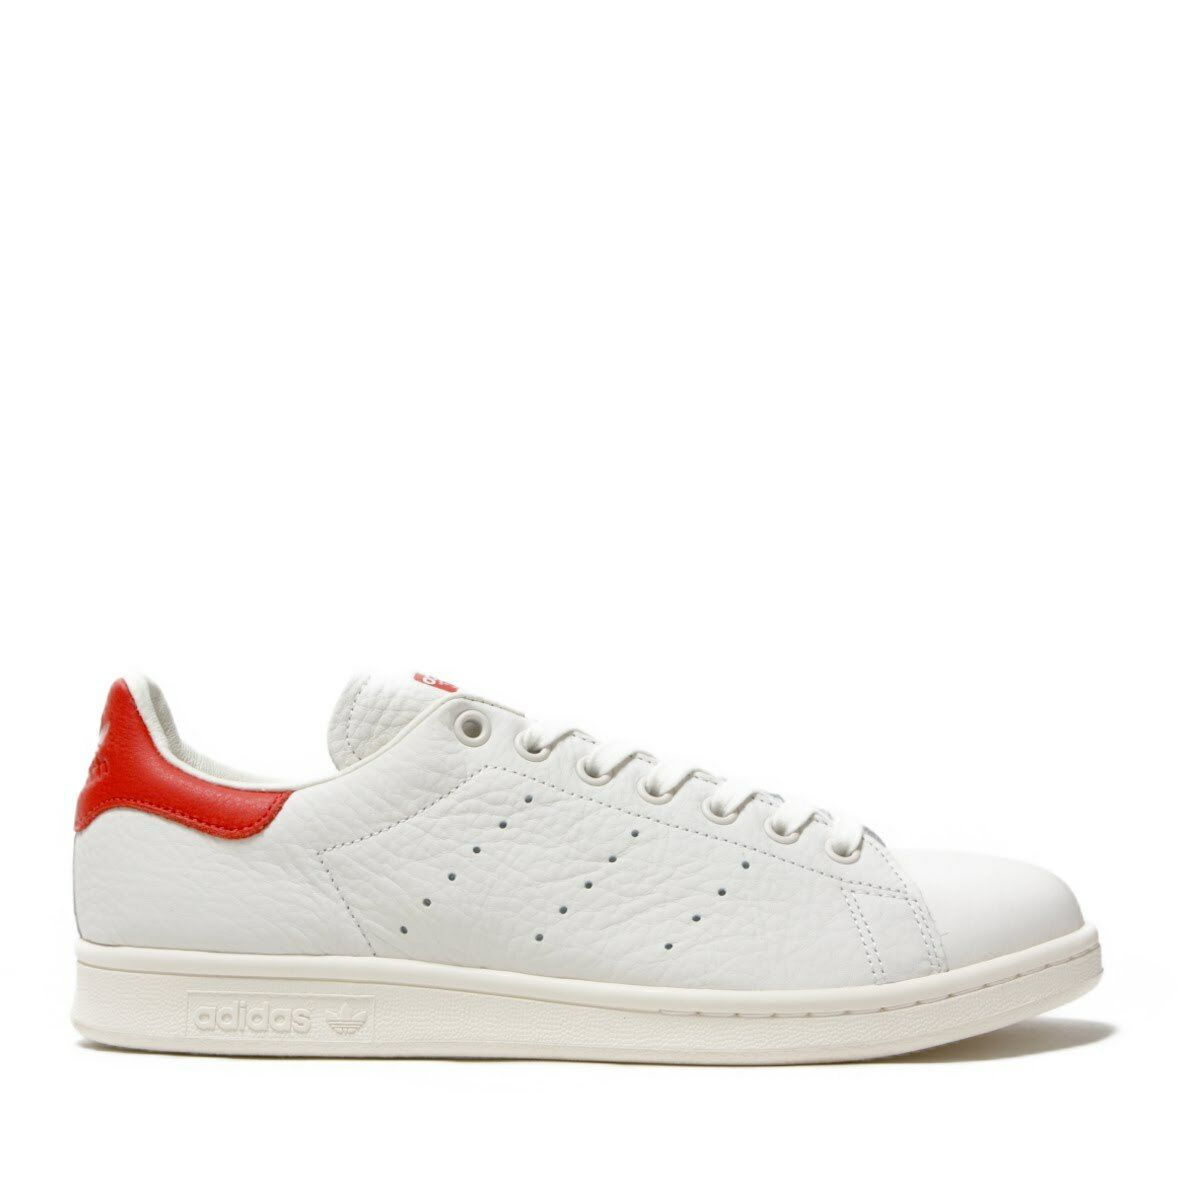 Adidas Herrenschuhe Frau Stan Smith originals weiß weiß Scharlachrot Turnschuhe